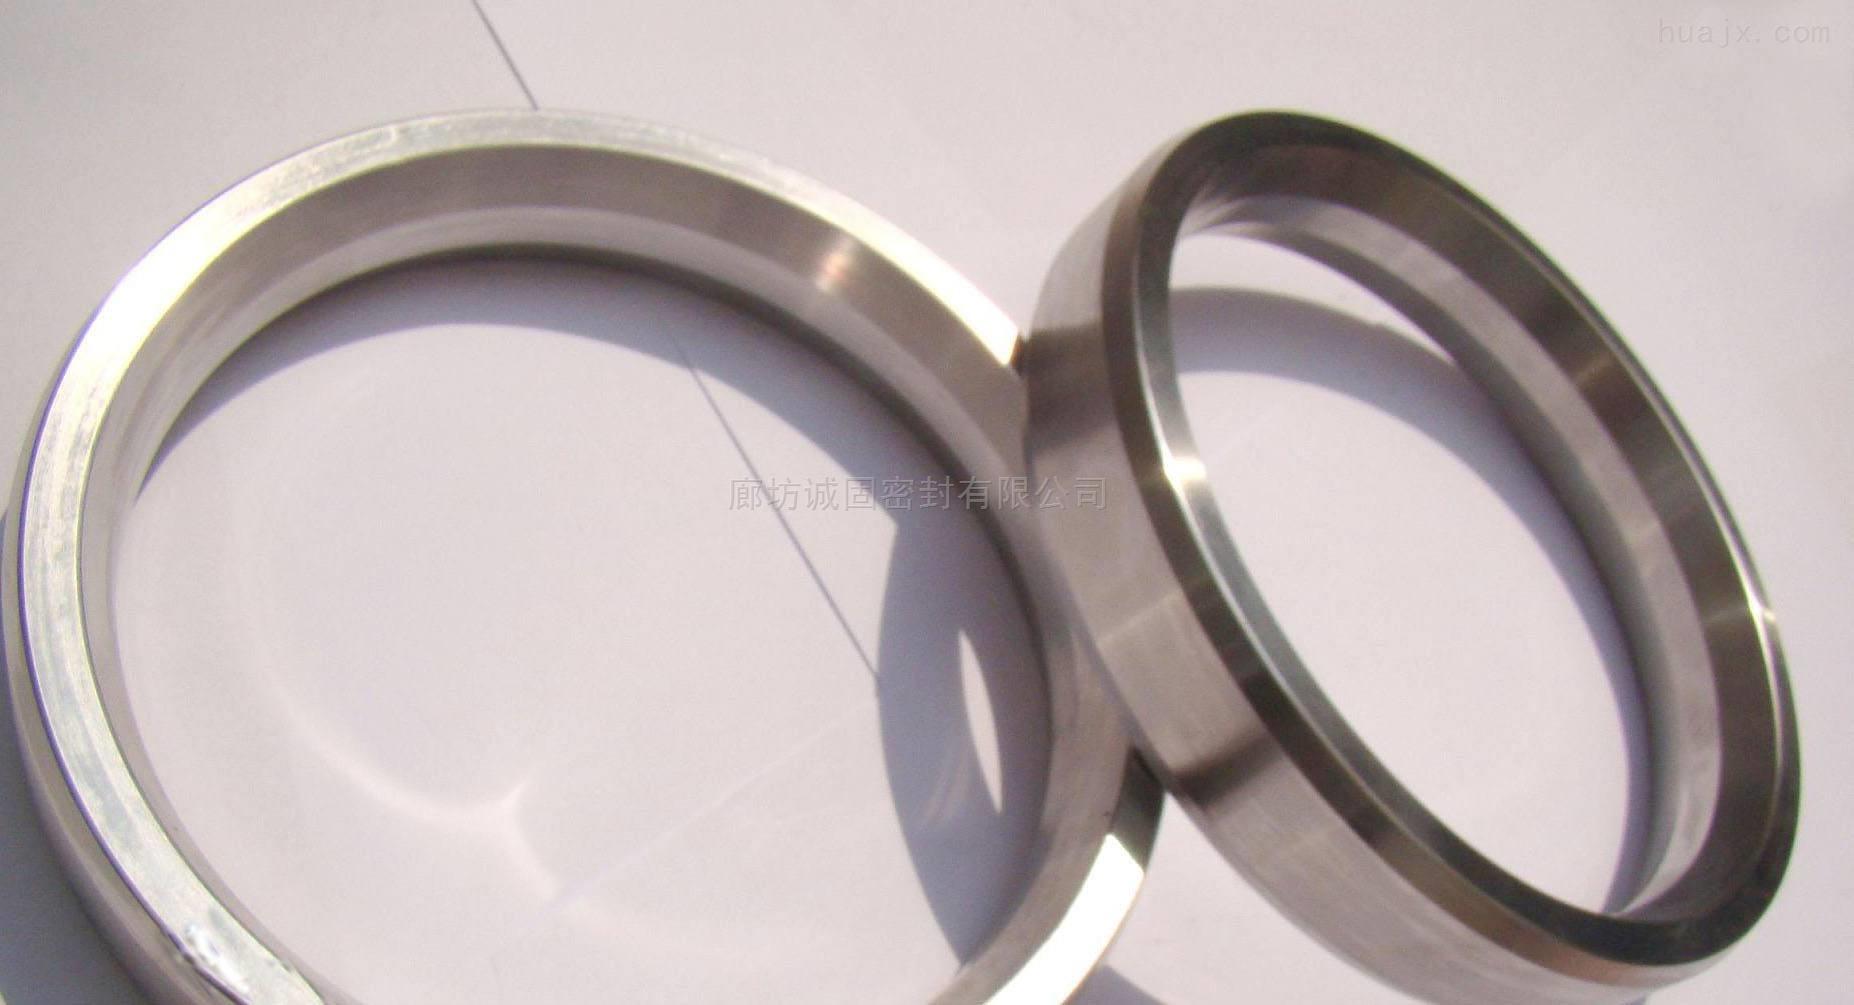 阀盖密封用金属环形垫片,不锈钢垫片厂家